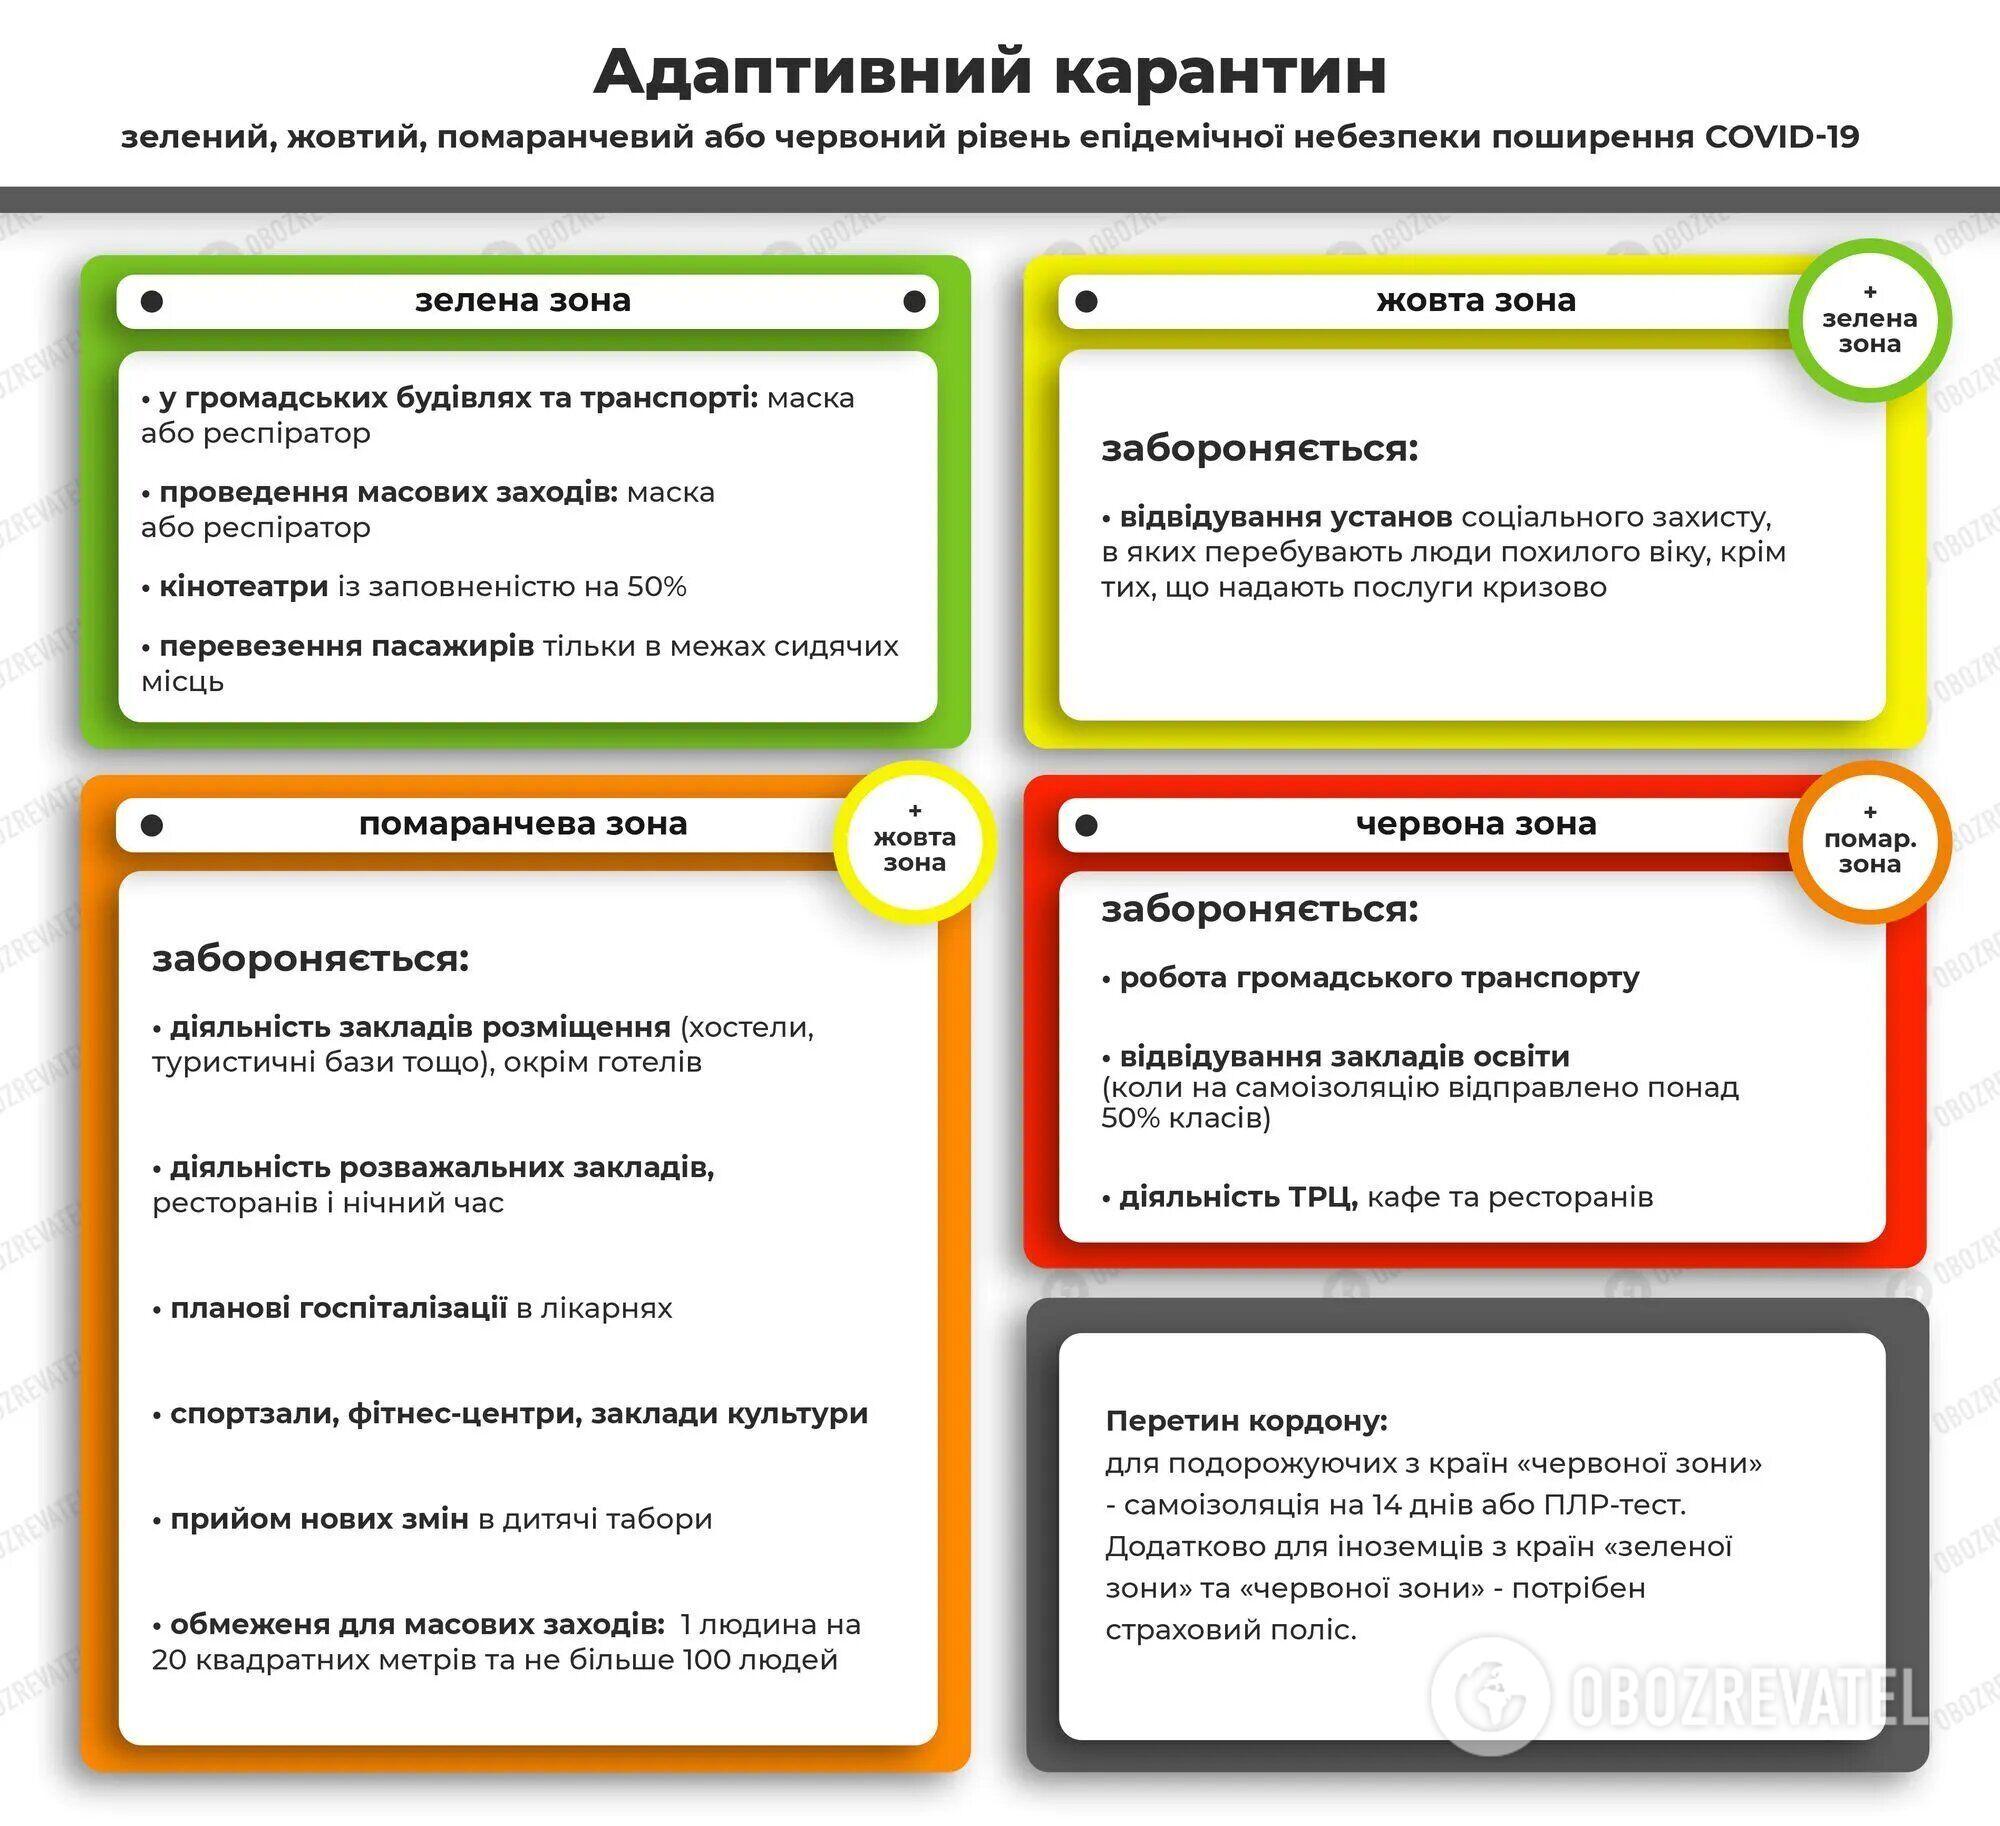 Адаптивный карантин в Украине.